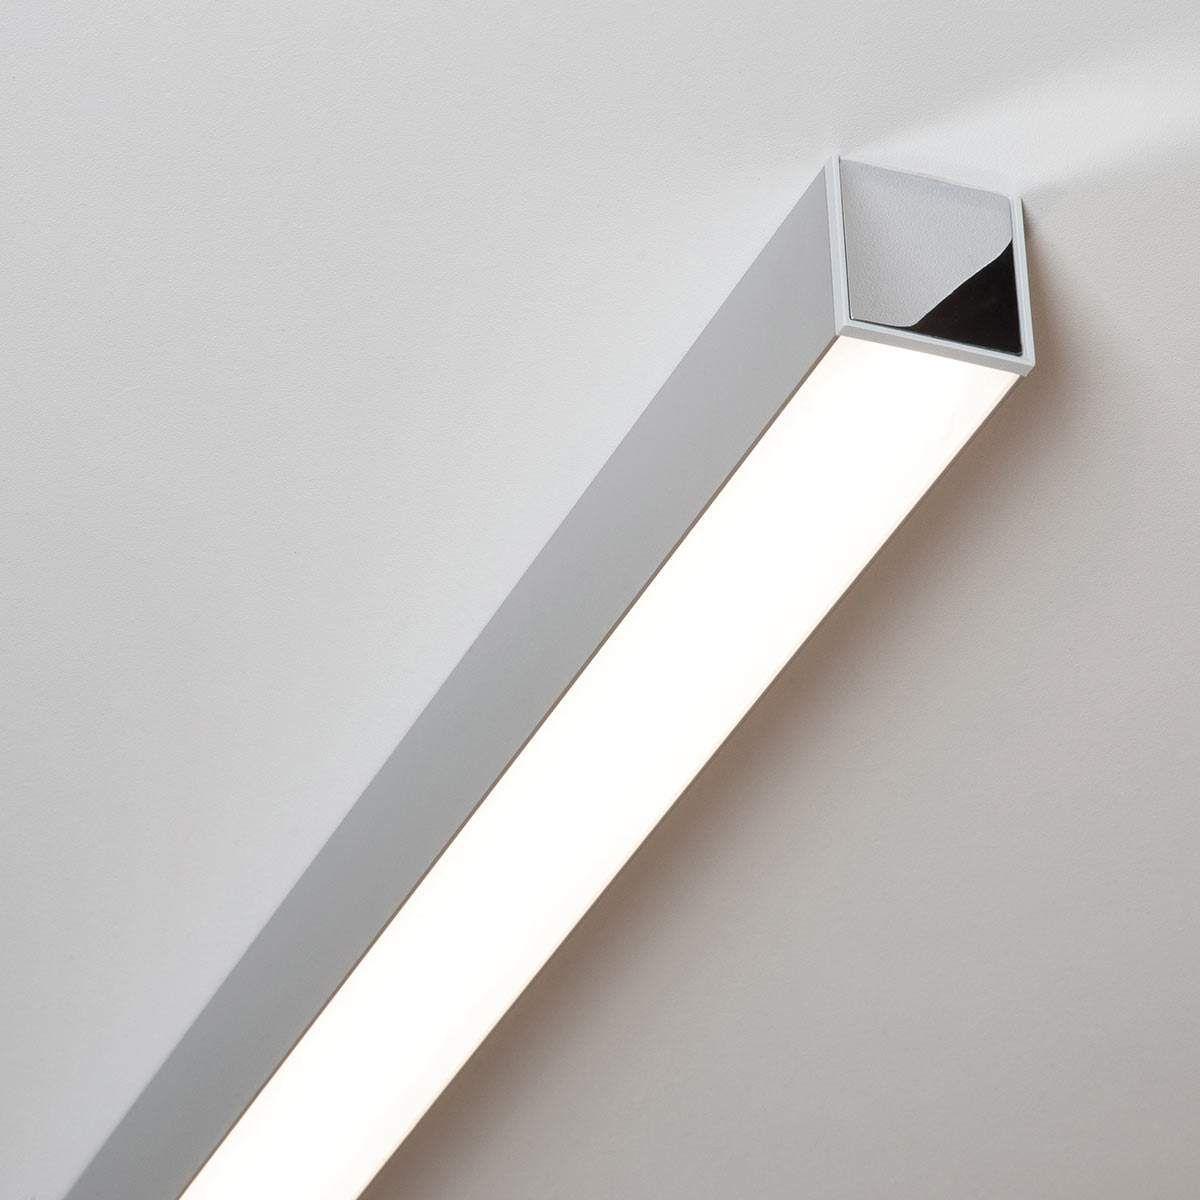 k chen deckenlampe deckenleuchte stoff rund led deckenleuchte dimmbar farbwechsel. Black Bedroom Furniture Sets. Home Design Ideas